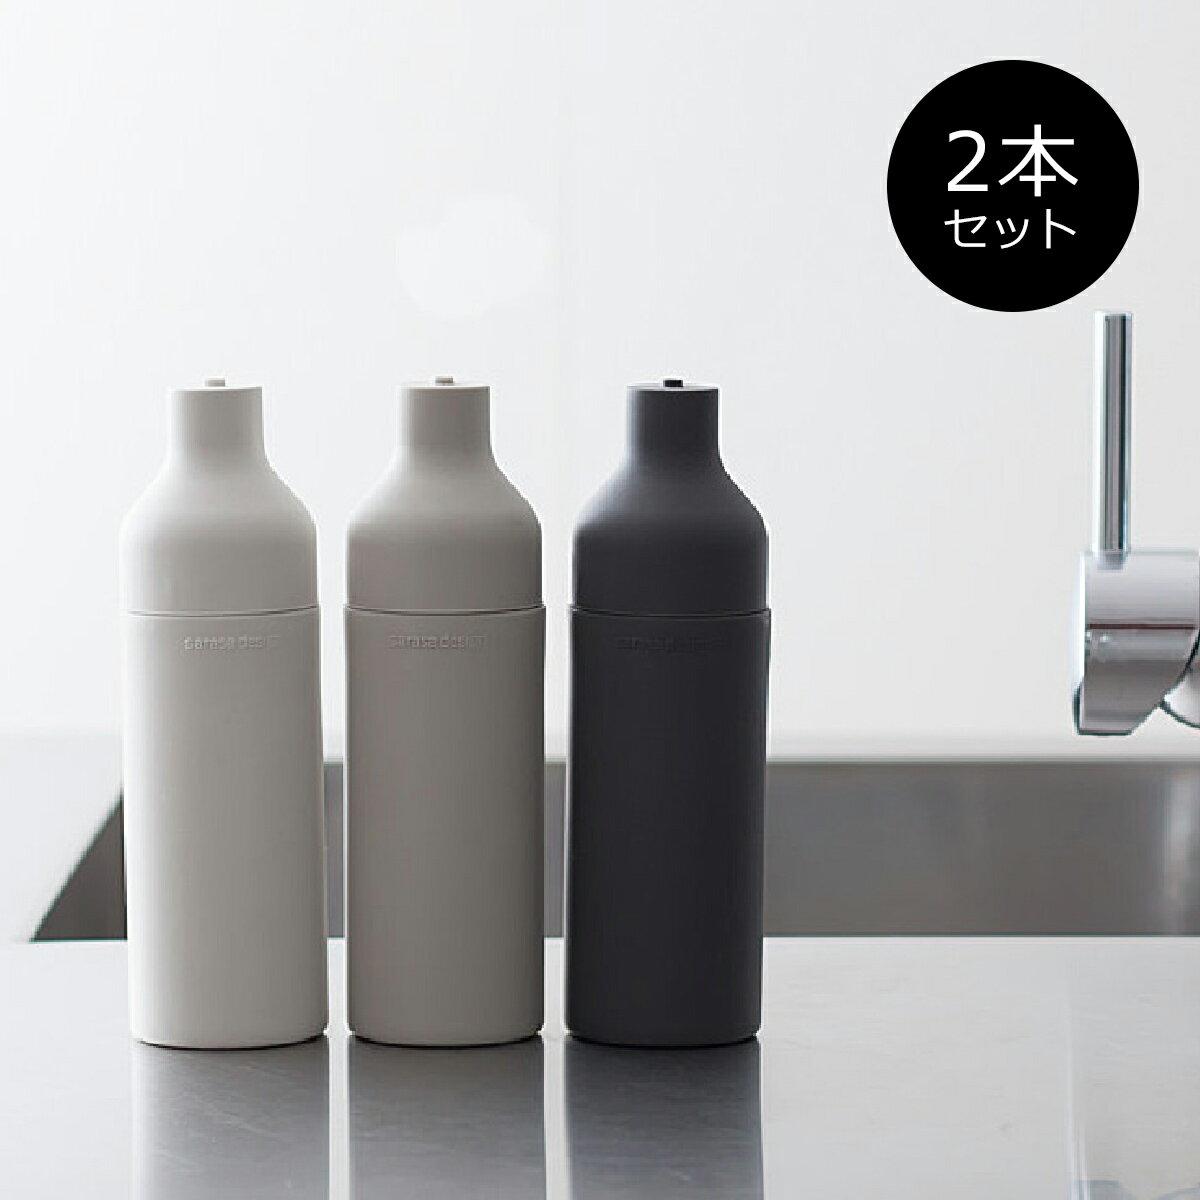 キッチン 洗剤 詰め替えボトル ディスペンサー [セット販売●b2c スクィーズボトル 【2本入り】] 食器用洗剤 ソープディスペンサー